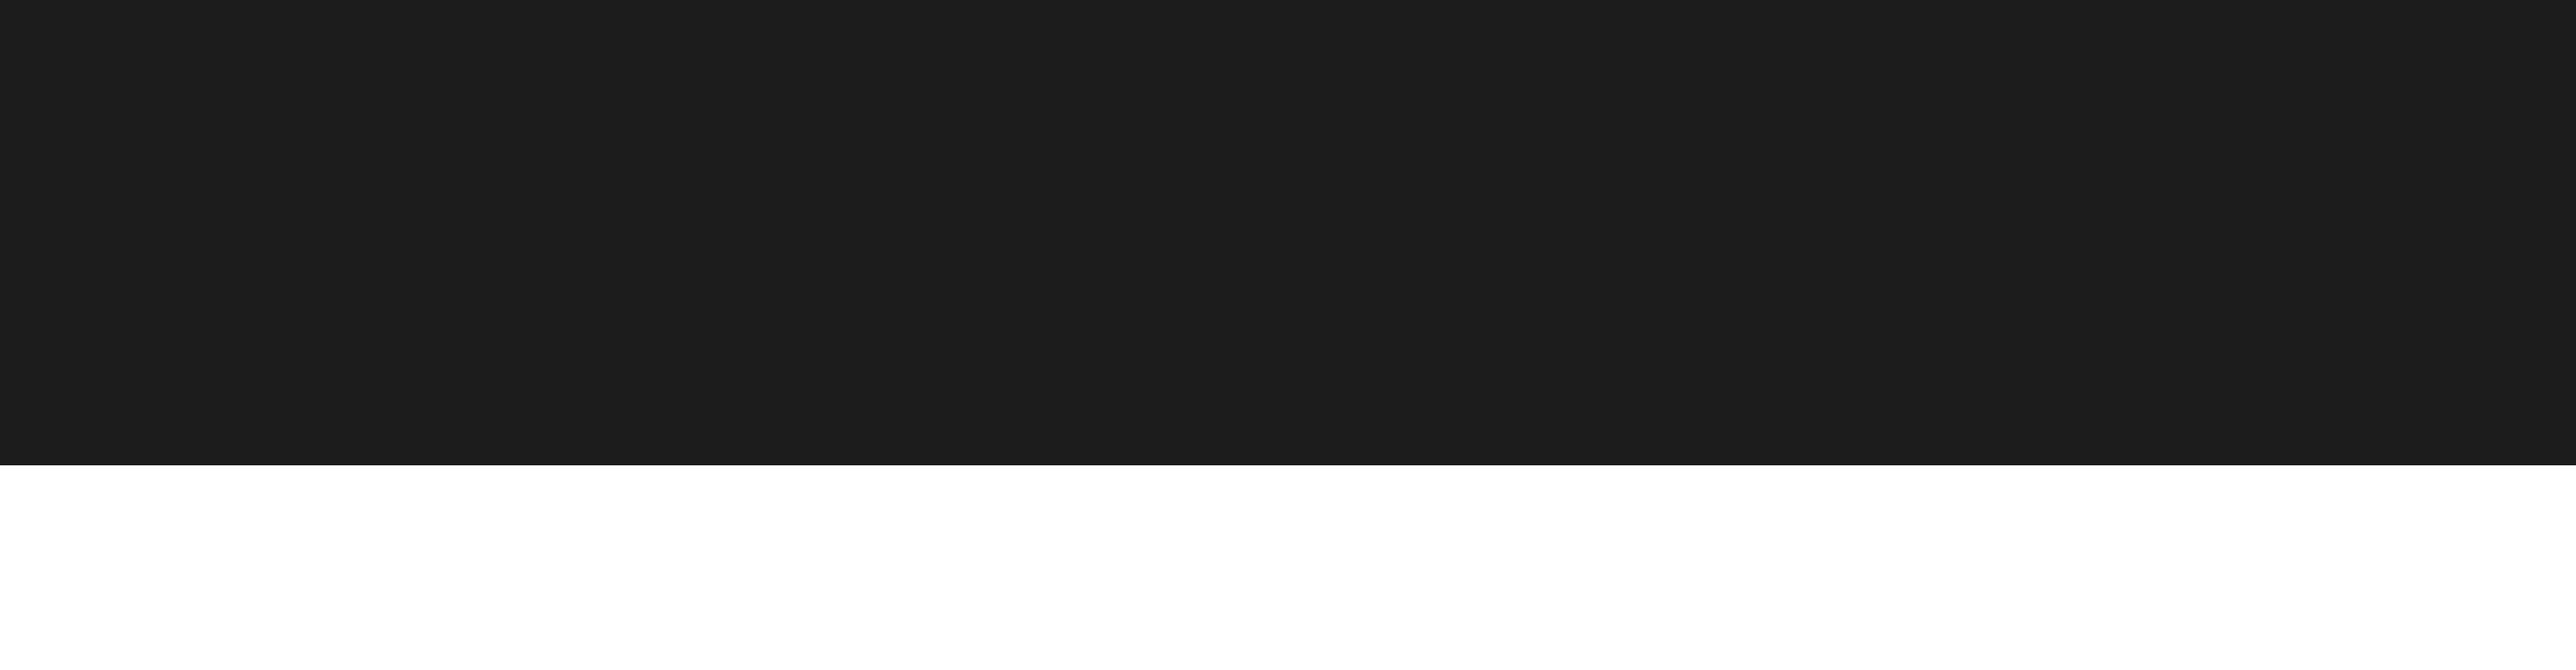 fondo-gris_trans01